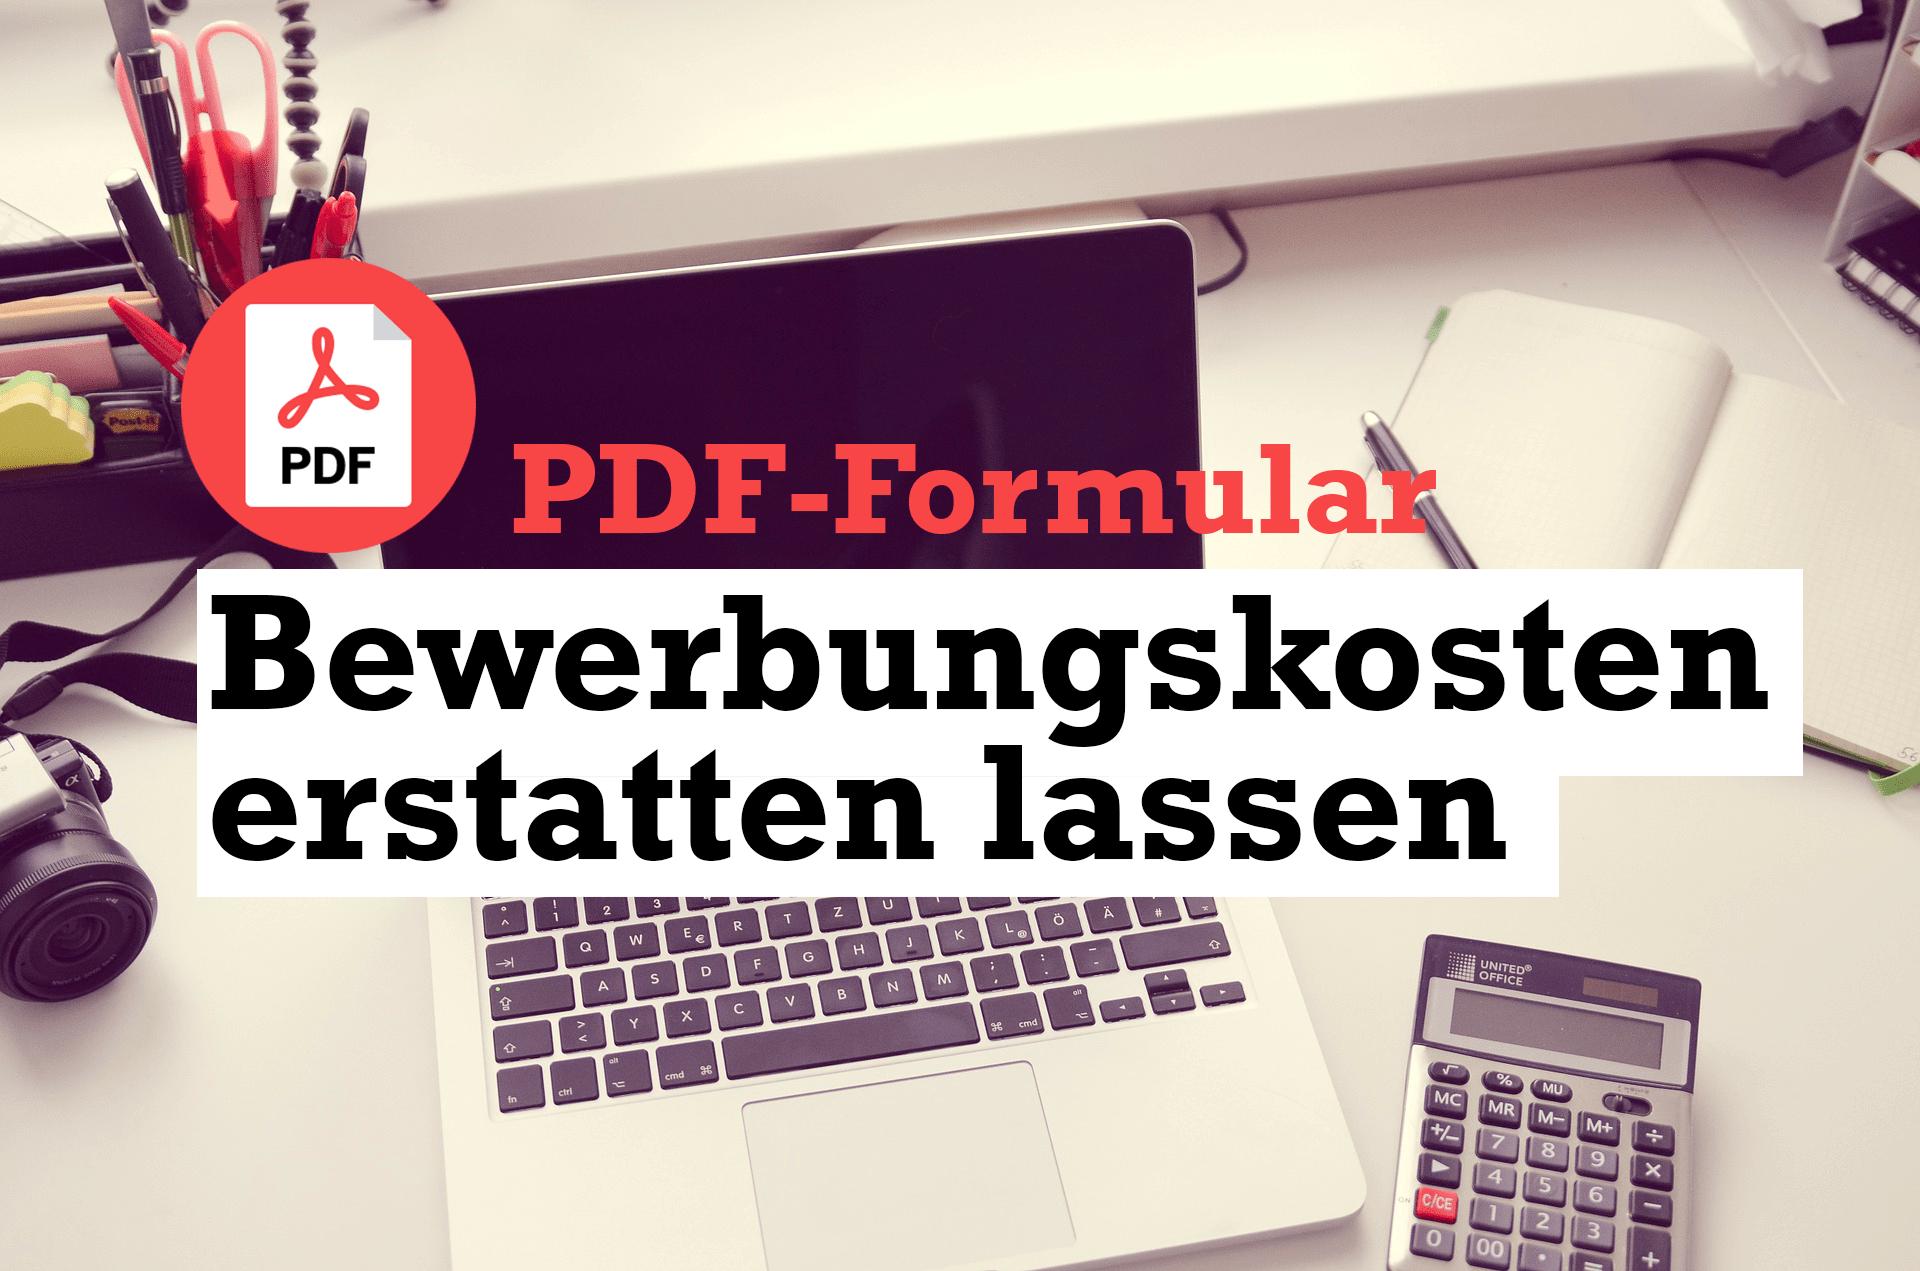 Bewerbungskosten Erstatten Lassen Pdf Formular Herunterladen